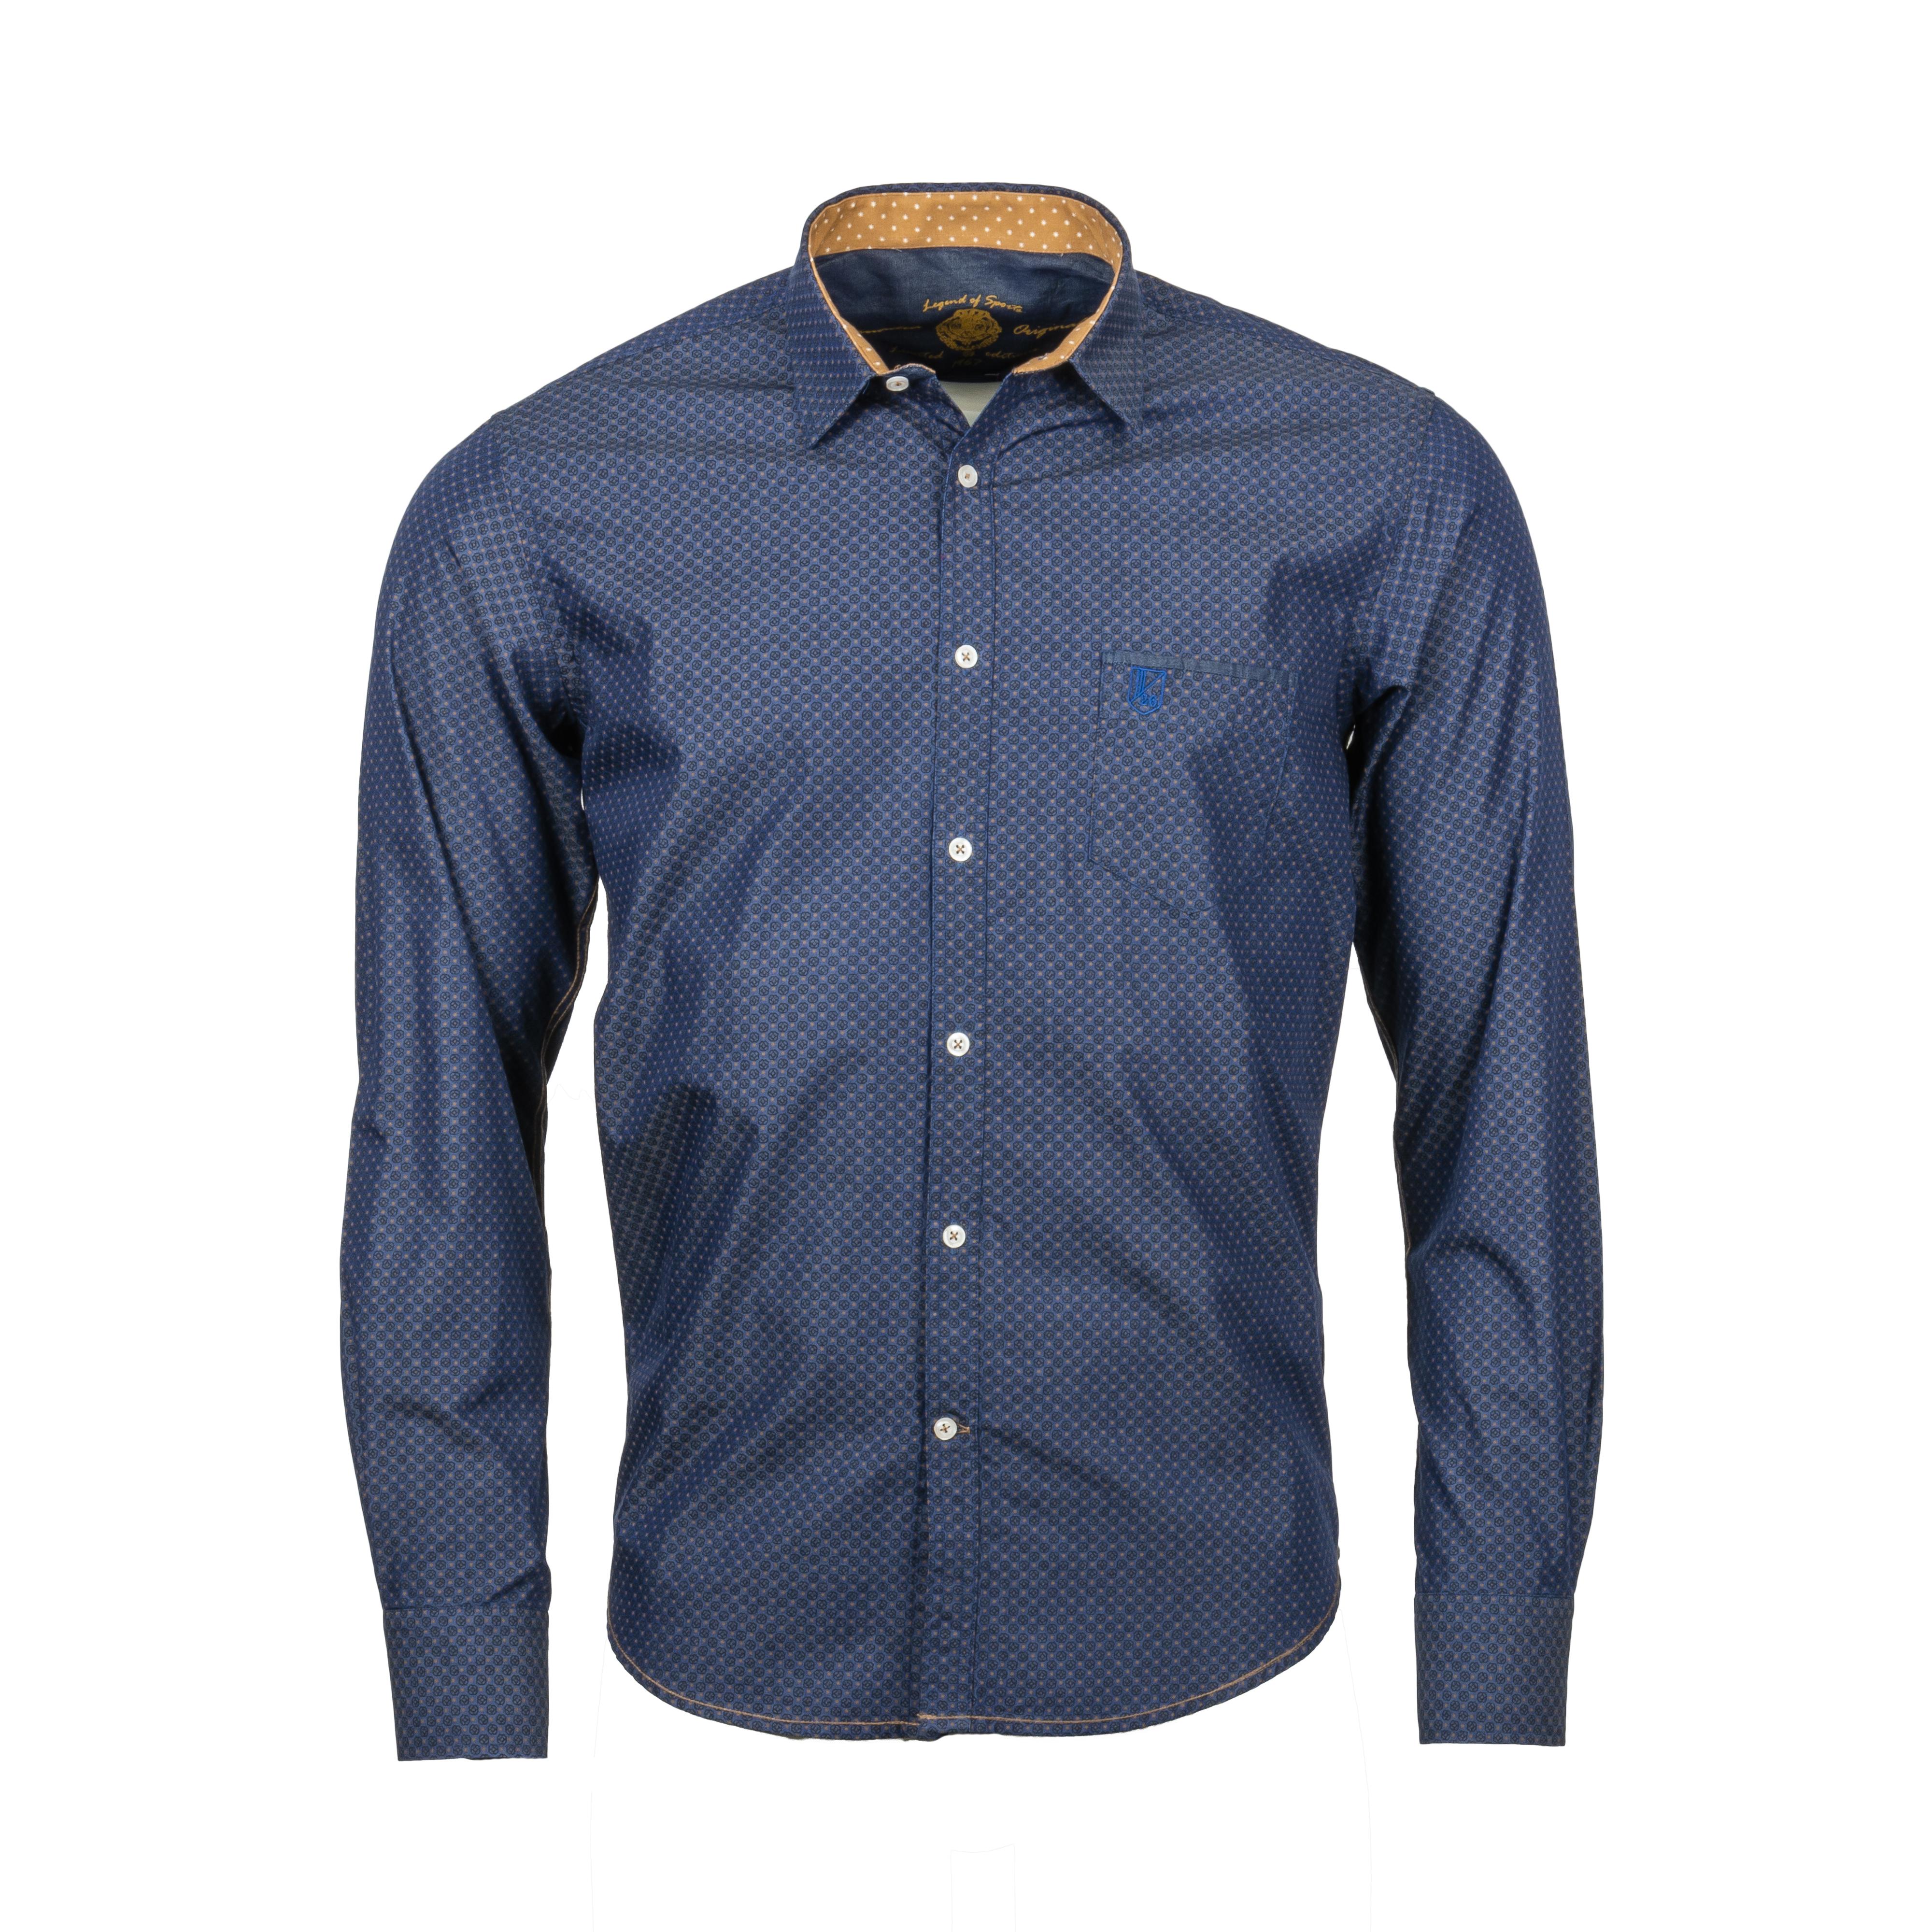 Chemise ajustée La Squadra Soglio en coton bleu marine à micro motifs